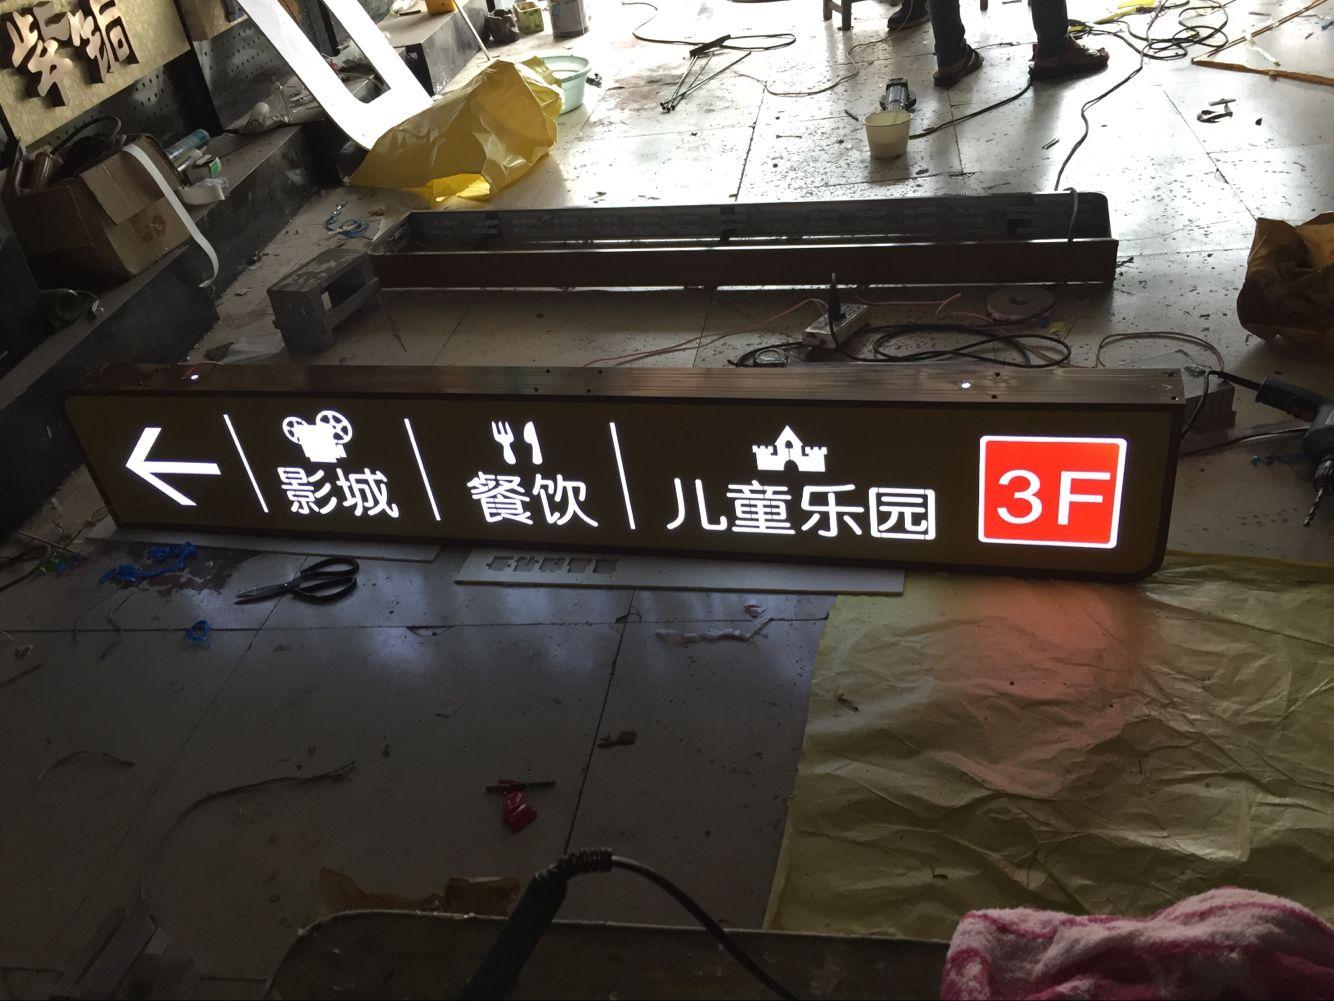 门头招牌设计|门头招牌设计-河南宝翔广告有限公司